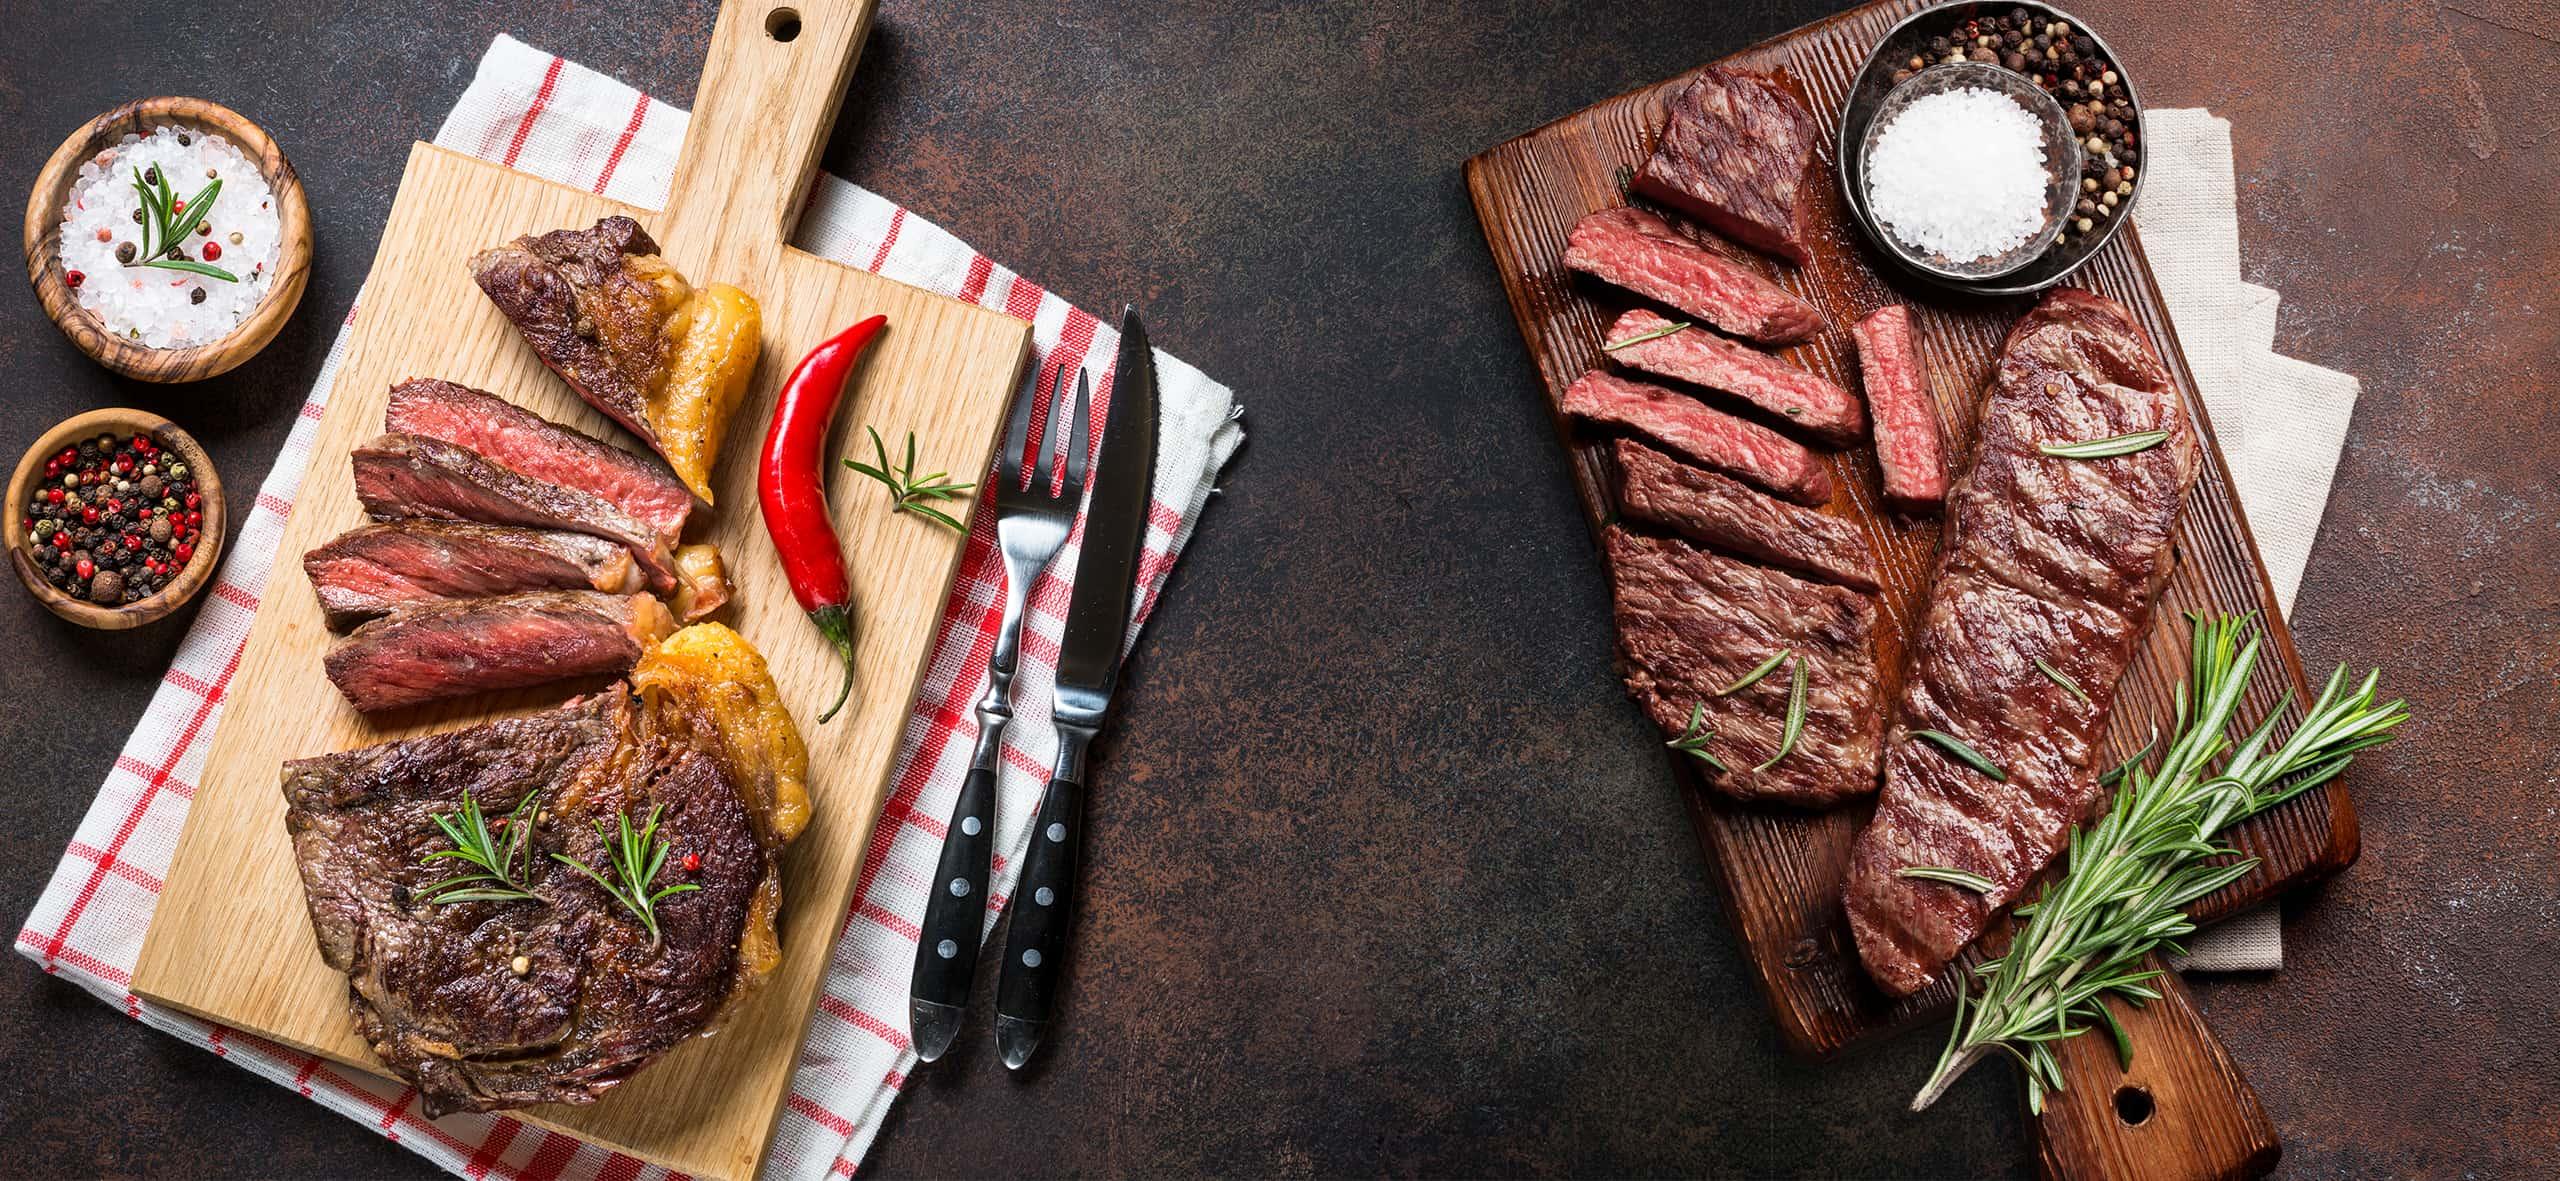 Dia Nacional da Saúde e Nutrição: a qualidade do prato faz diferença no seu bem-estar